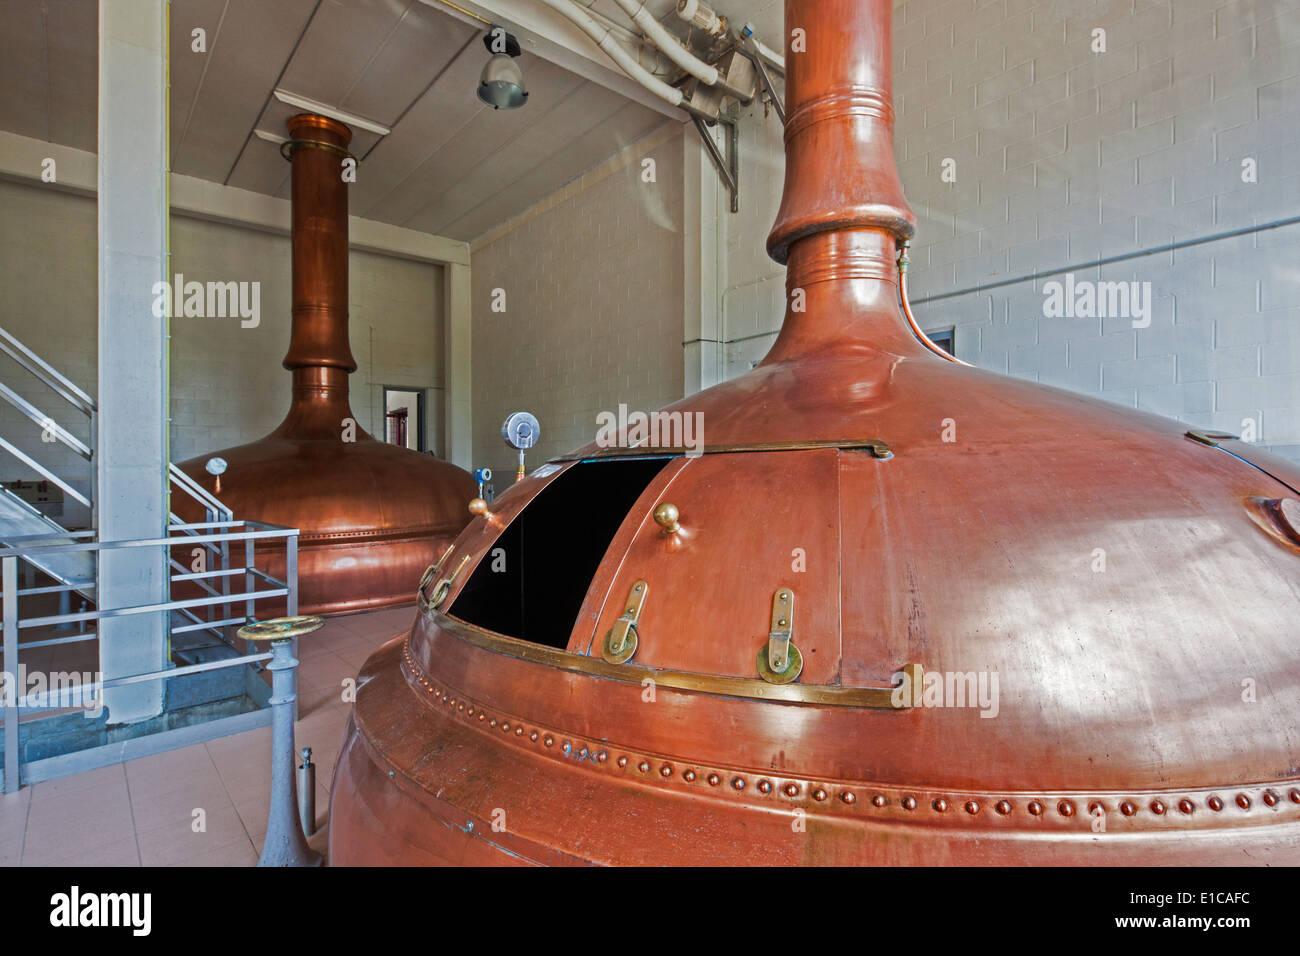 Copper brew kettles at Brouwerij Lindemans, Belgian brewery at Vlezenbeek, producer of geuze and kriek beer - Stock Image